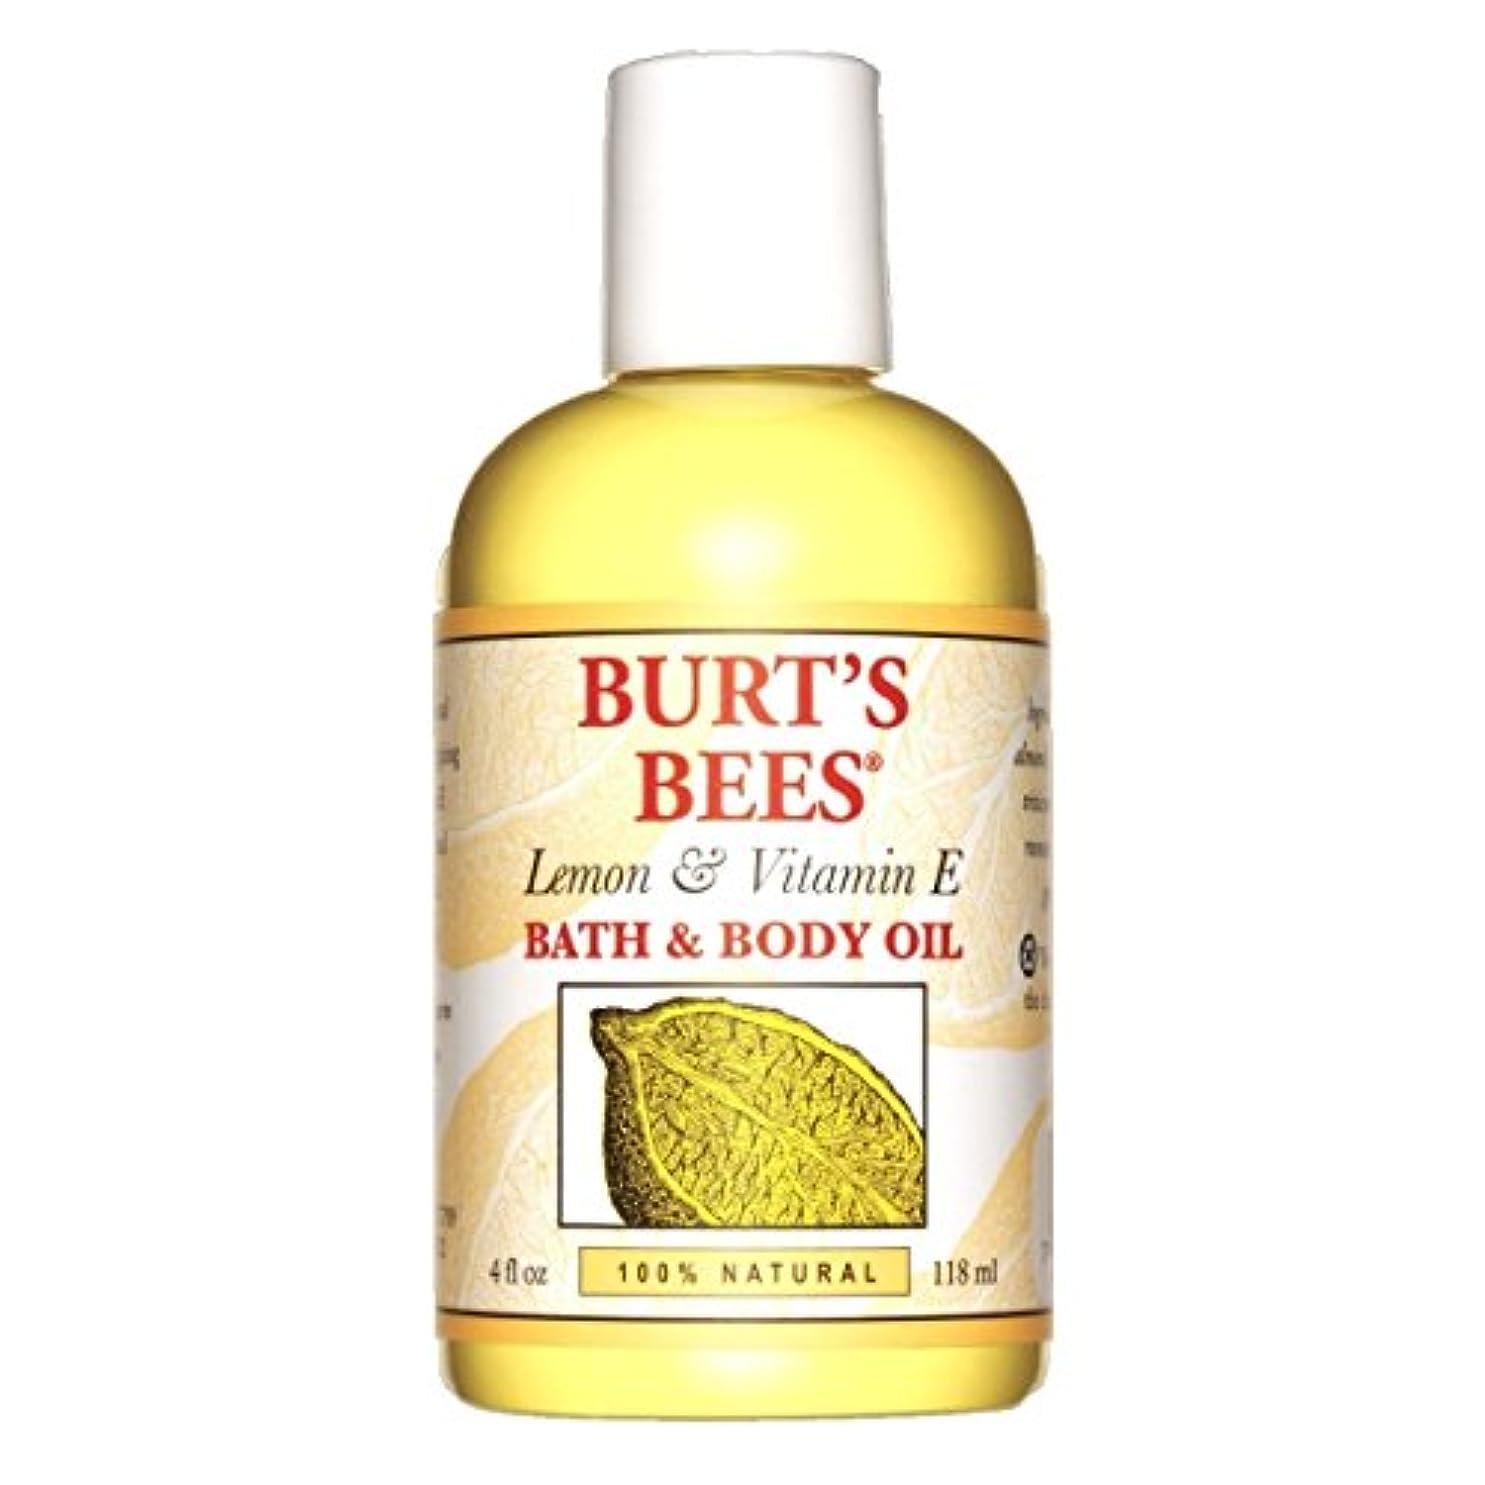 忠誠起業家メンバーバーツビーズ(Burt's Bees) レモン&ビタミンE バスアンドボディオイル 118ml [海外直送品][並行輸入品]